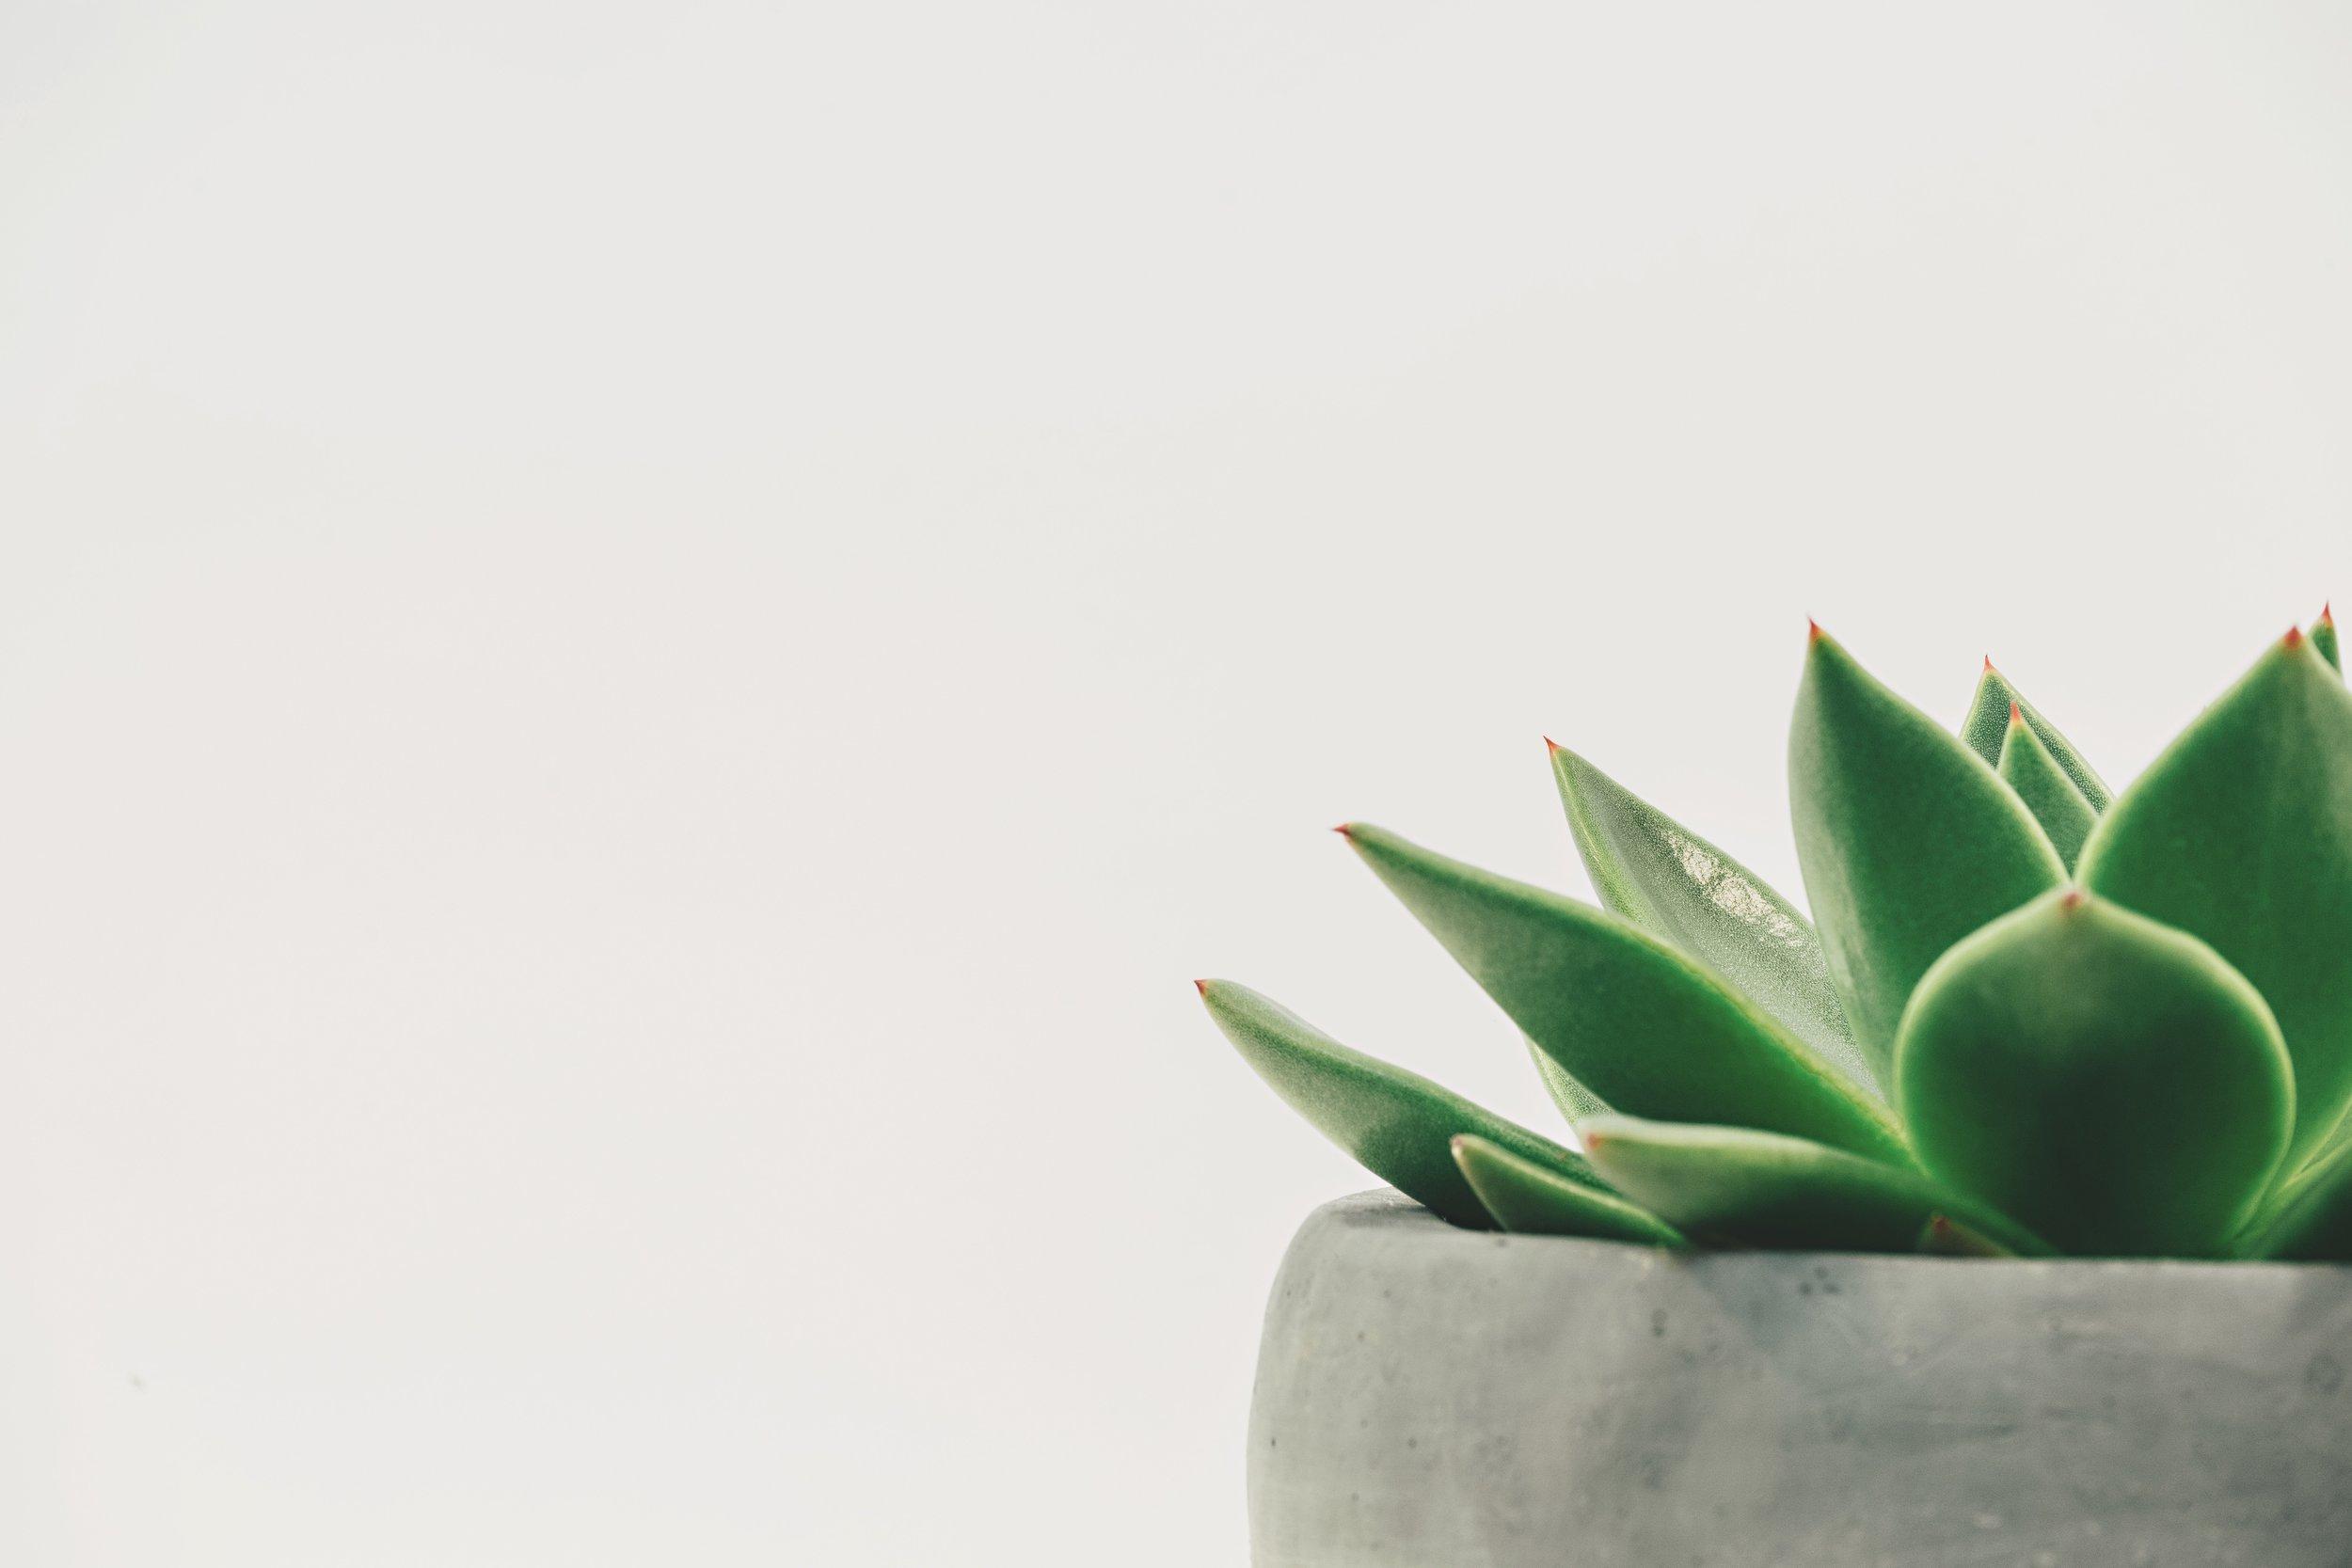 botanical-cactus-close-up-305821 (1).jpg